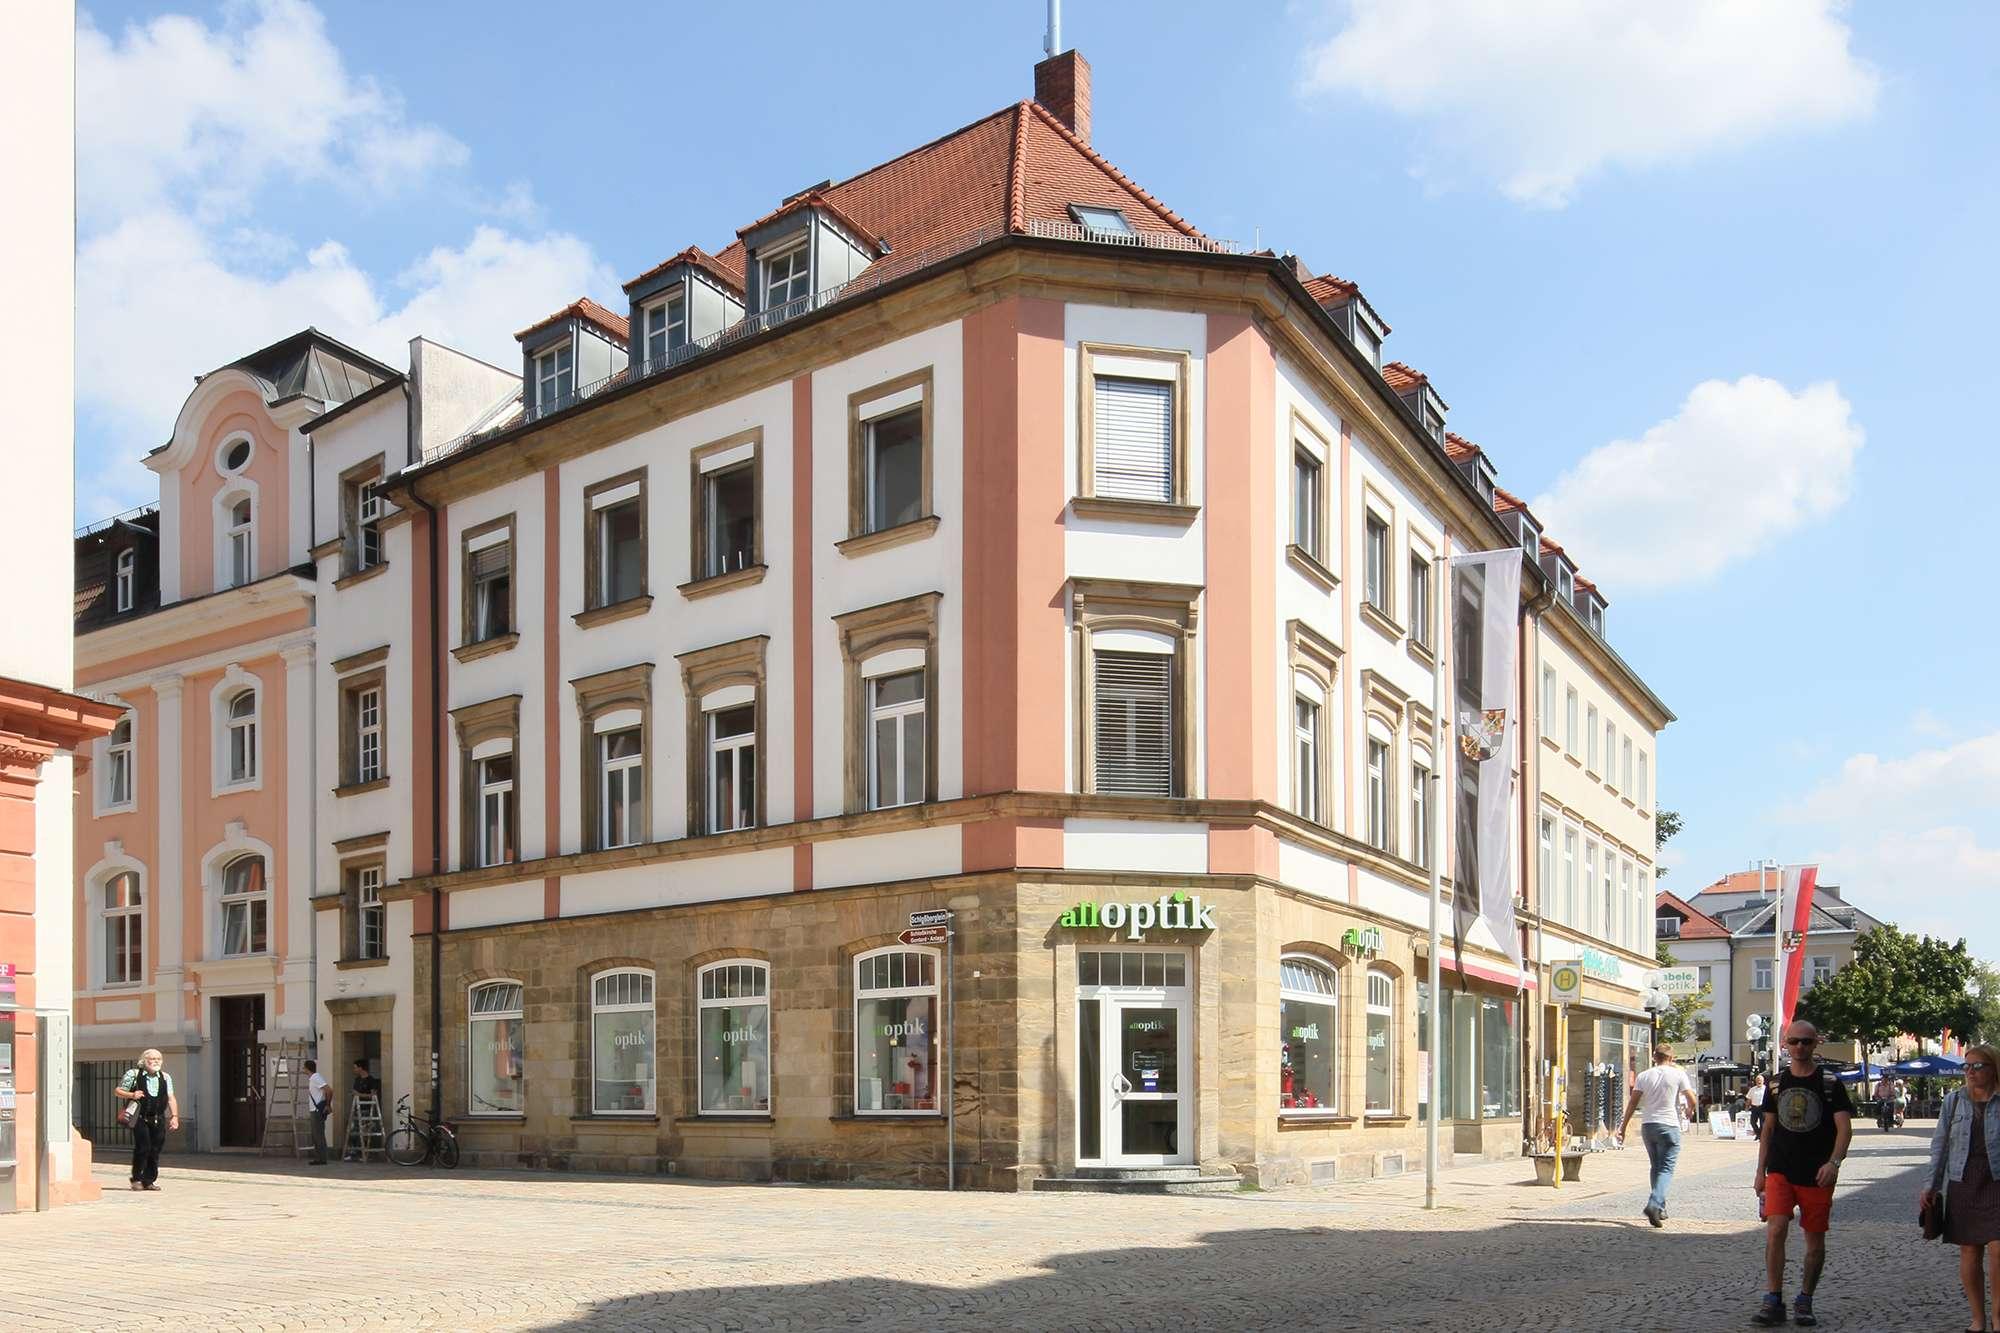 Kernsanierte 2-Zimmer-WG-Citywohnung mit hochwertiger Ausstattung, Bestlage direkt am Marktplatz! in